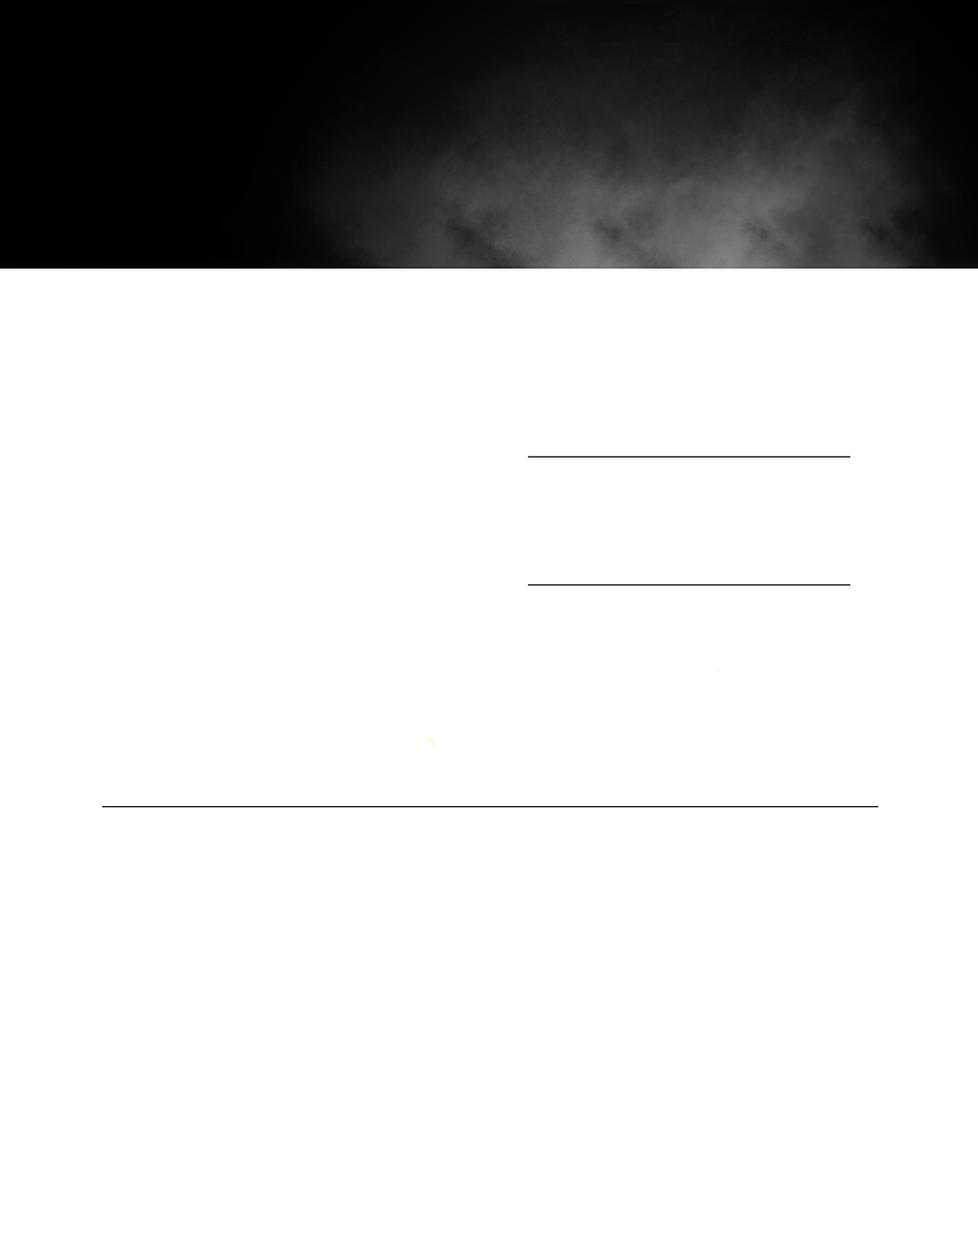 Produktsida sortiment mått artwork mörkt rök frost dimma linjer